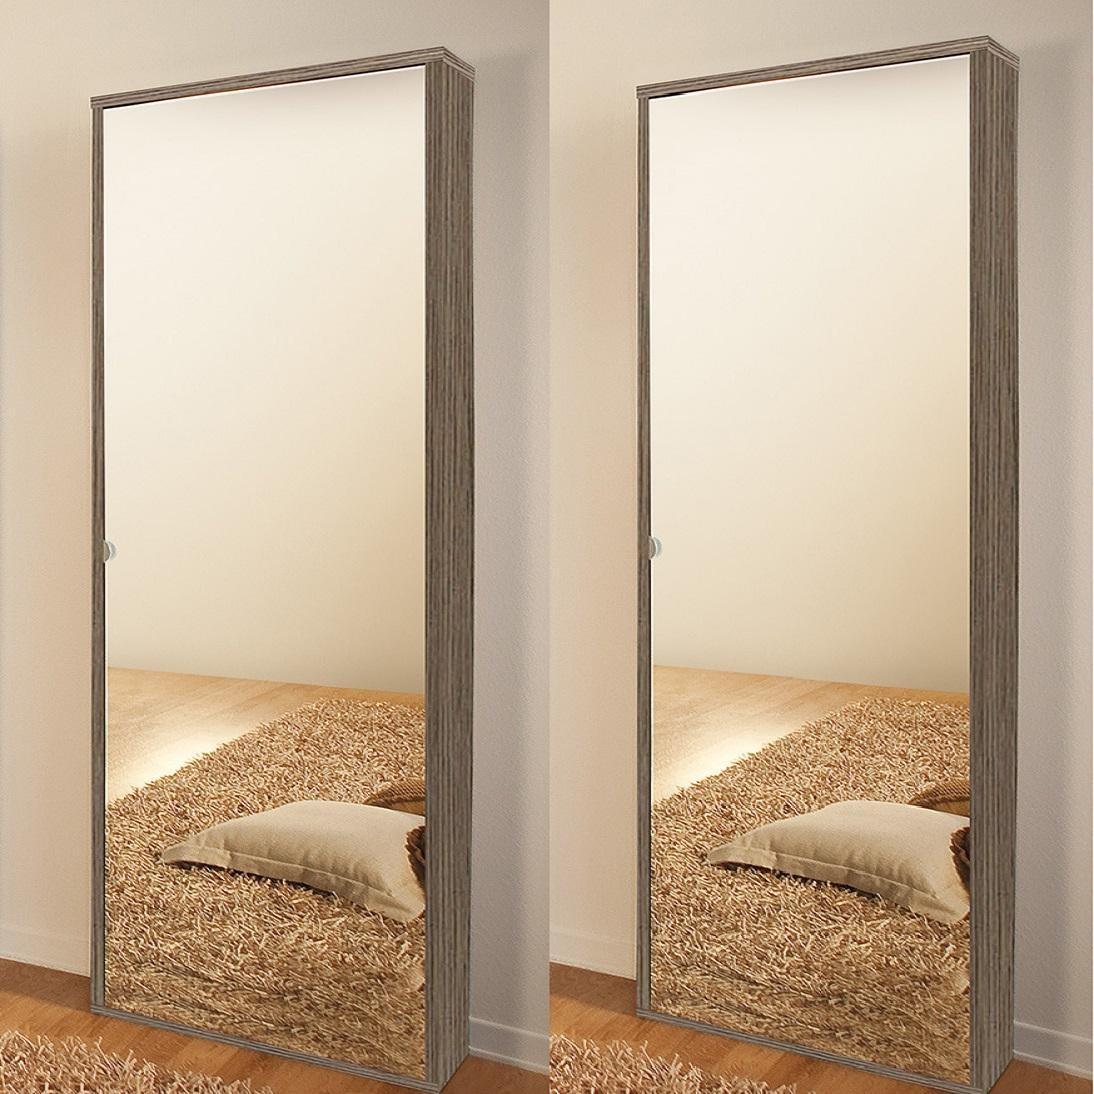 Scarpiera specchio modello nettuno arredo casa fvg - Scarpiera con anta a specchio ikea ...